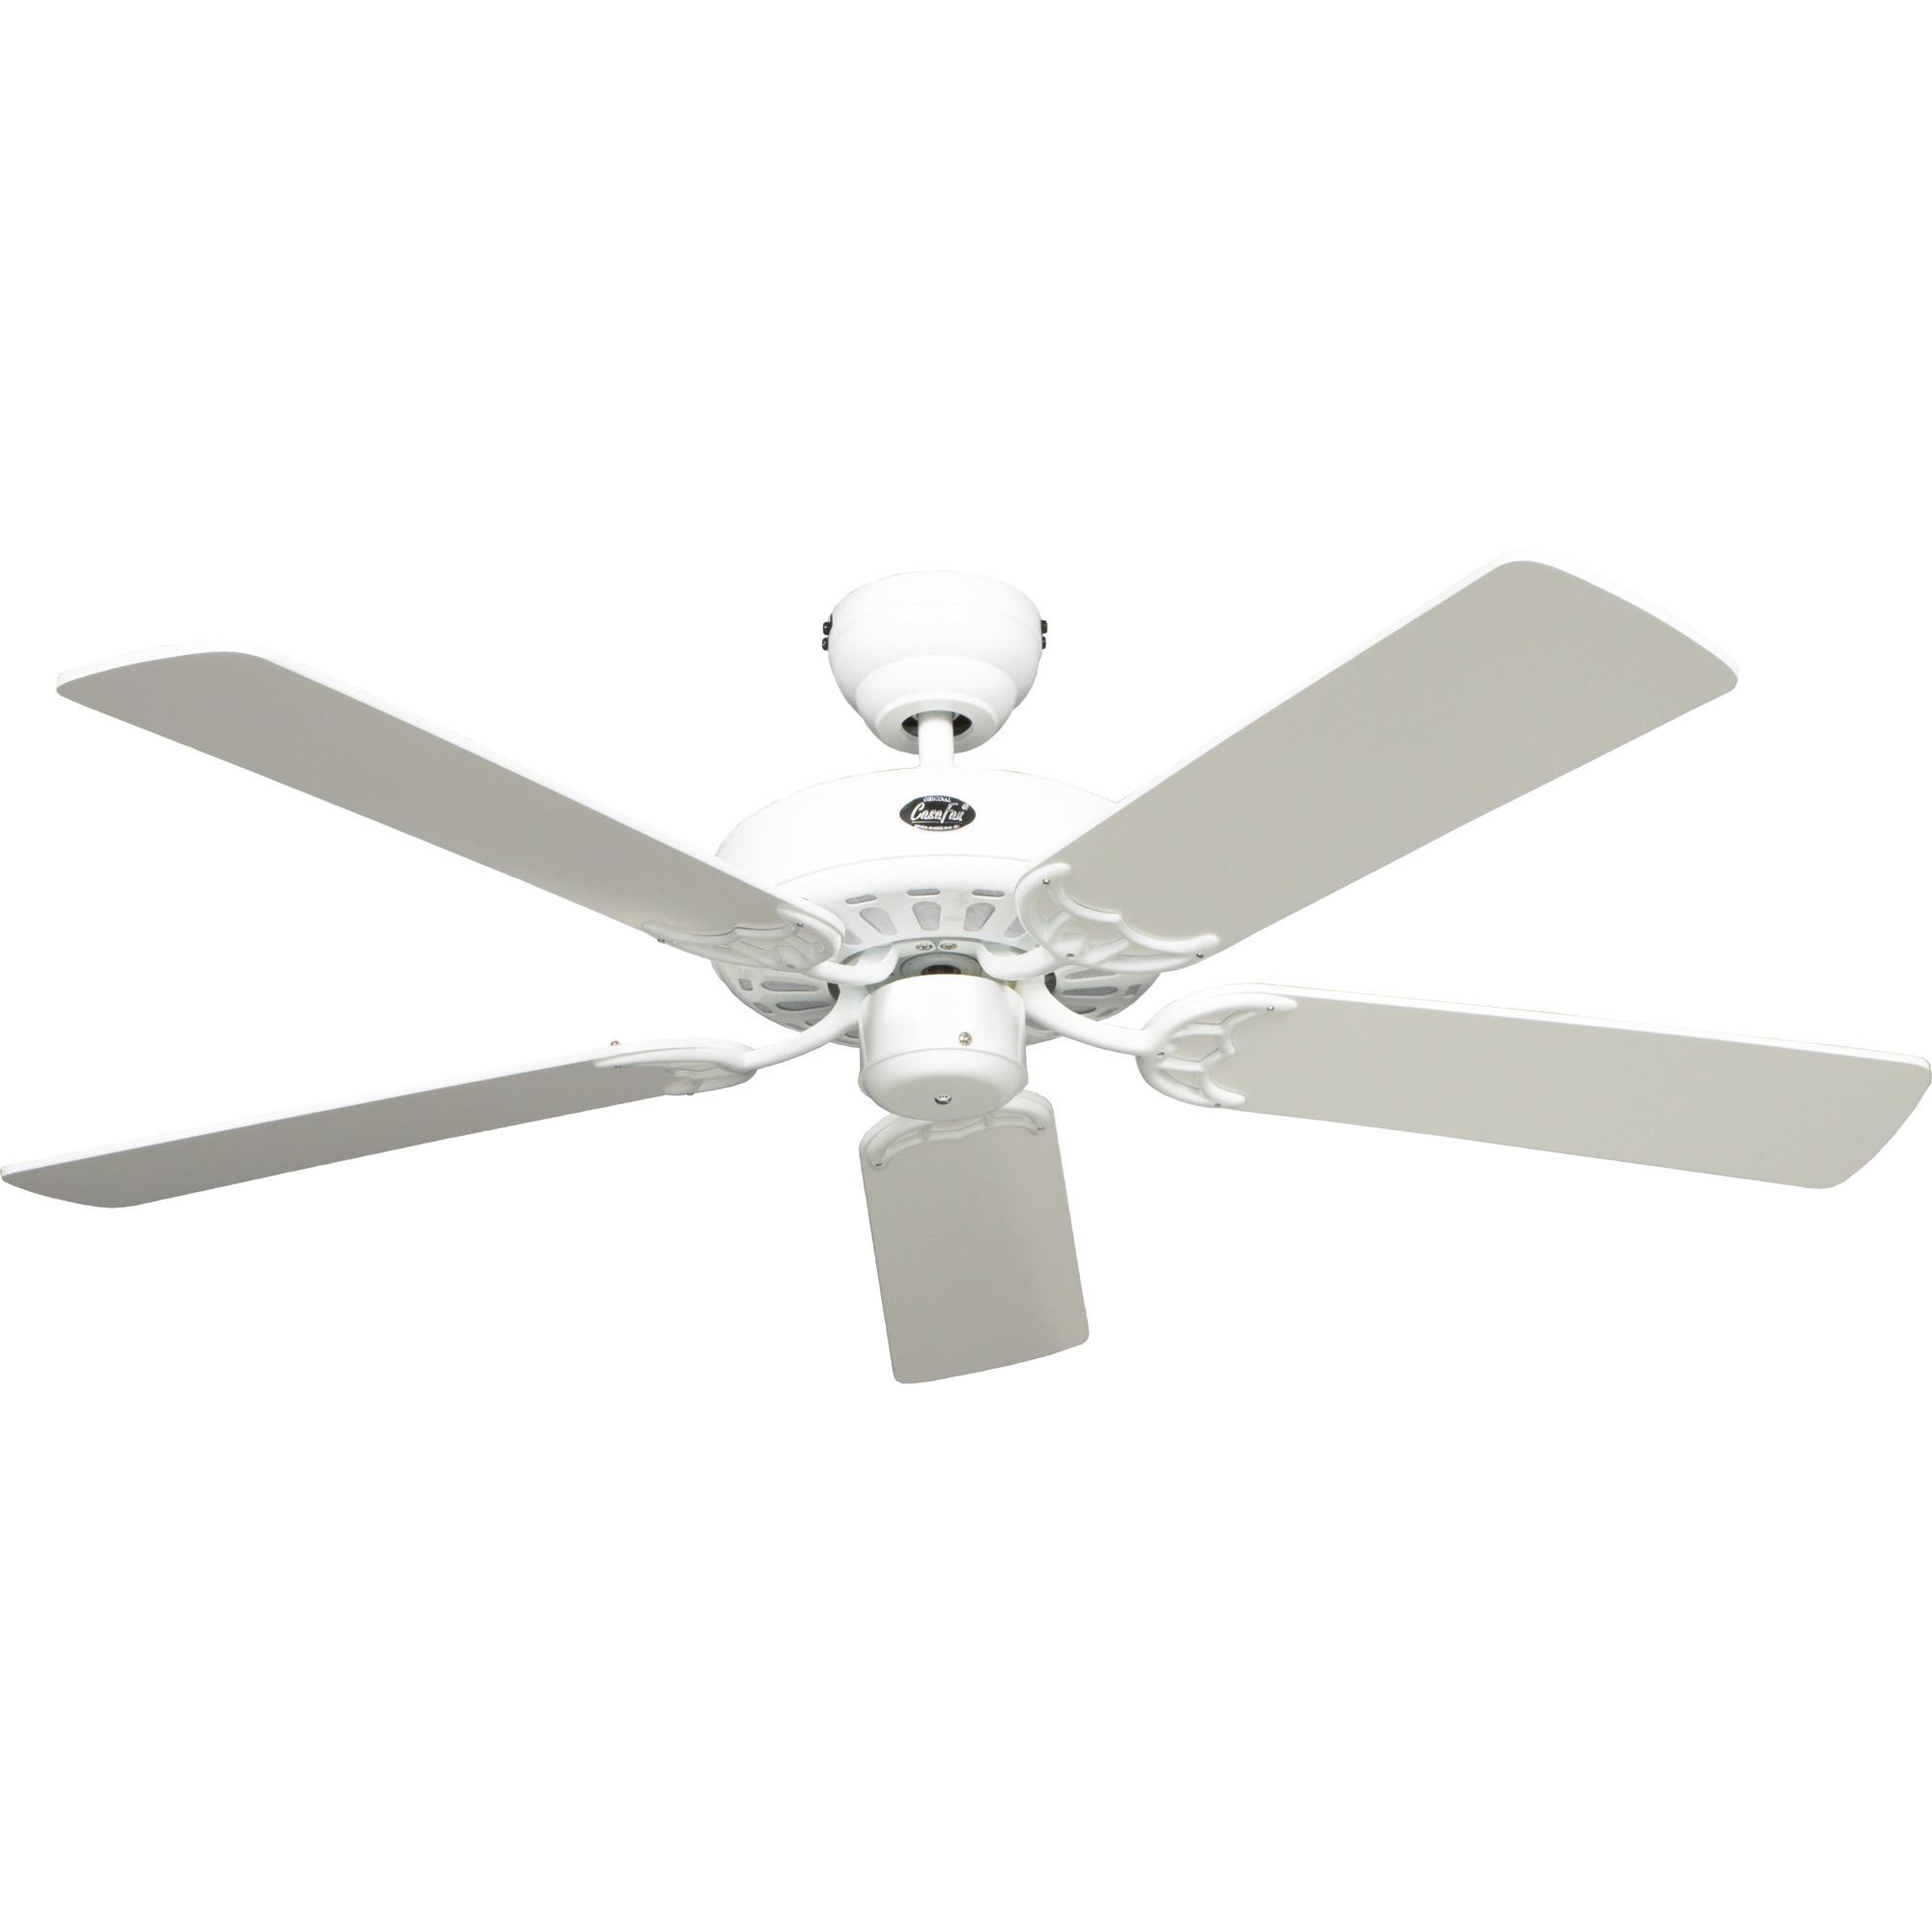 ROYAL 103 WE Ventilador con aspas para el hogar Blanco